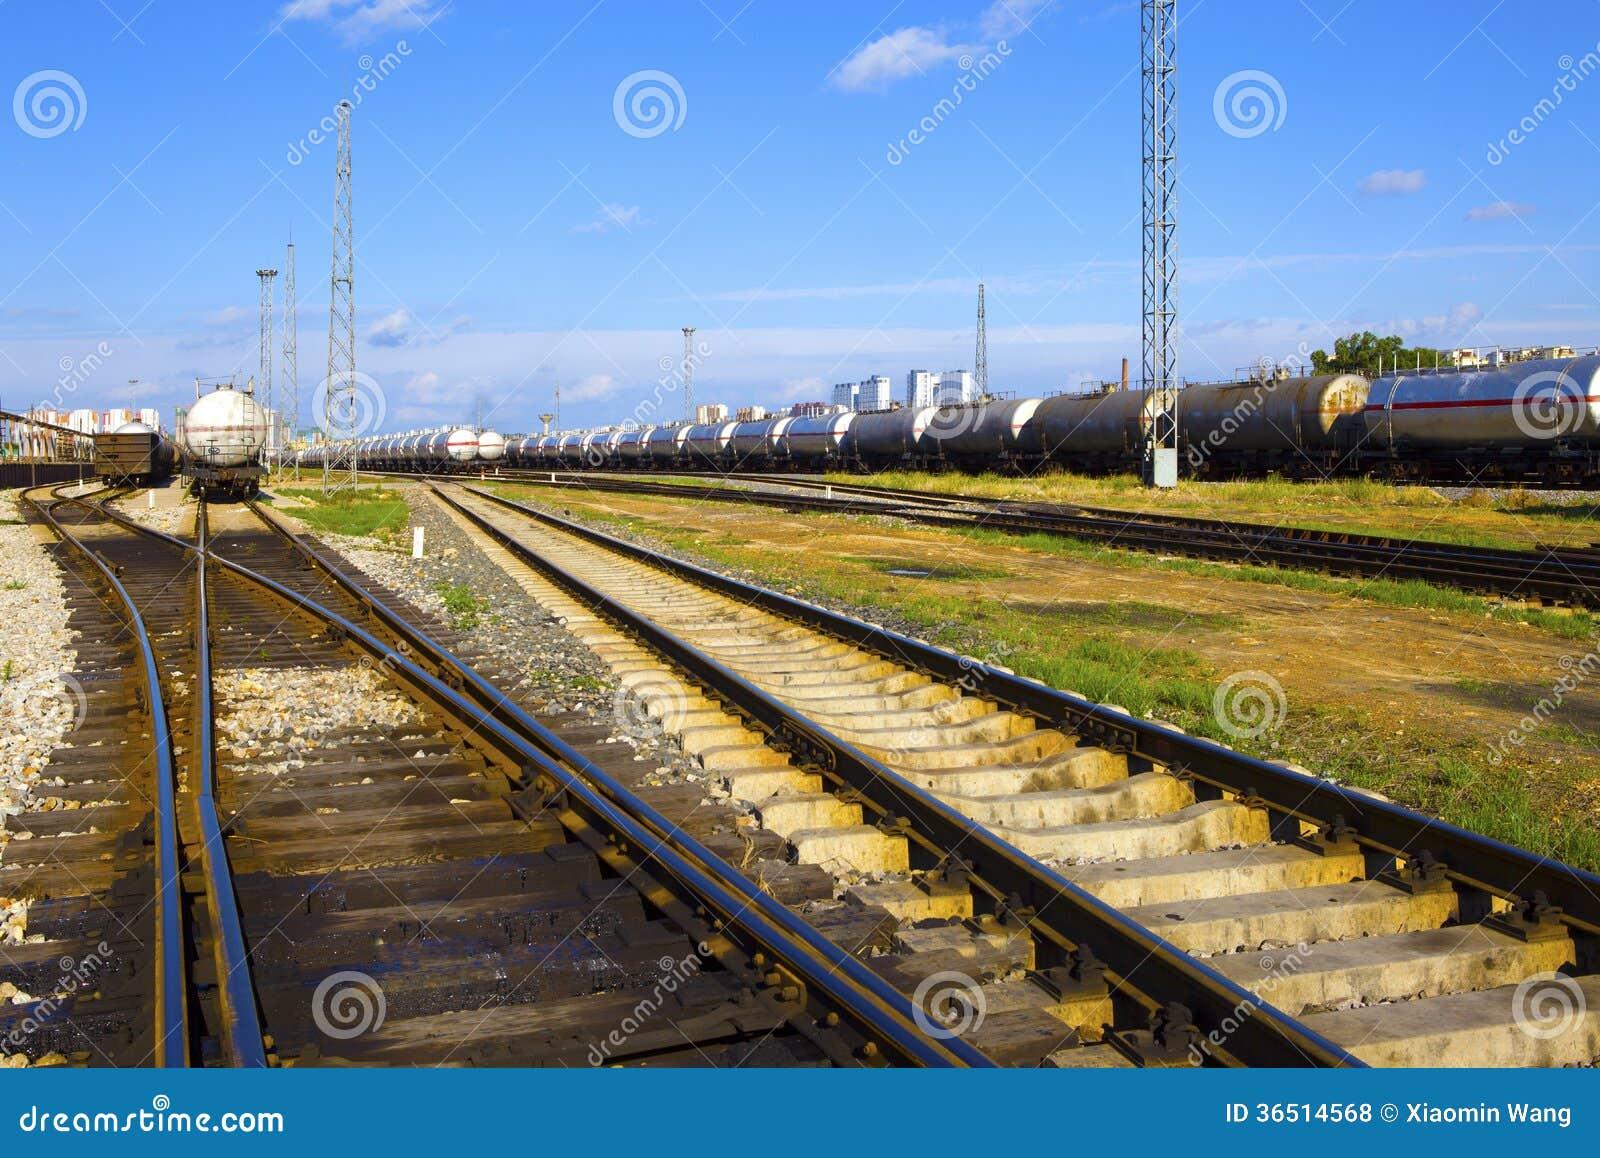 Train de réservoir de stockage de pétrole